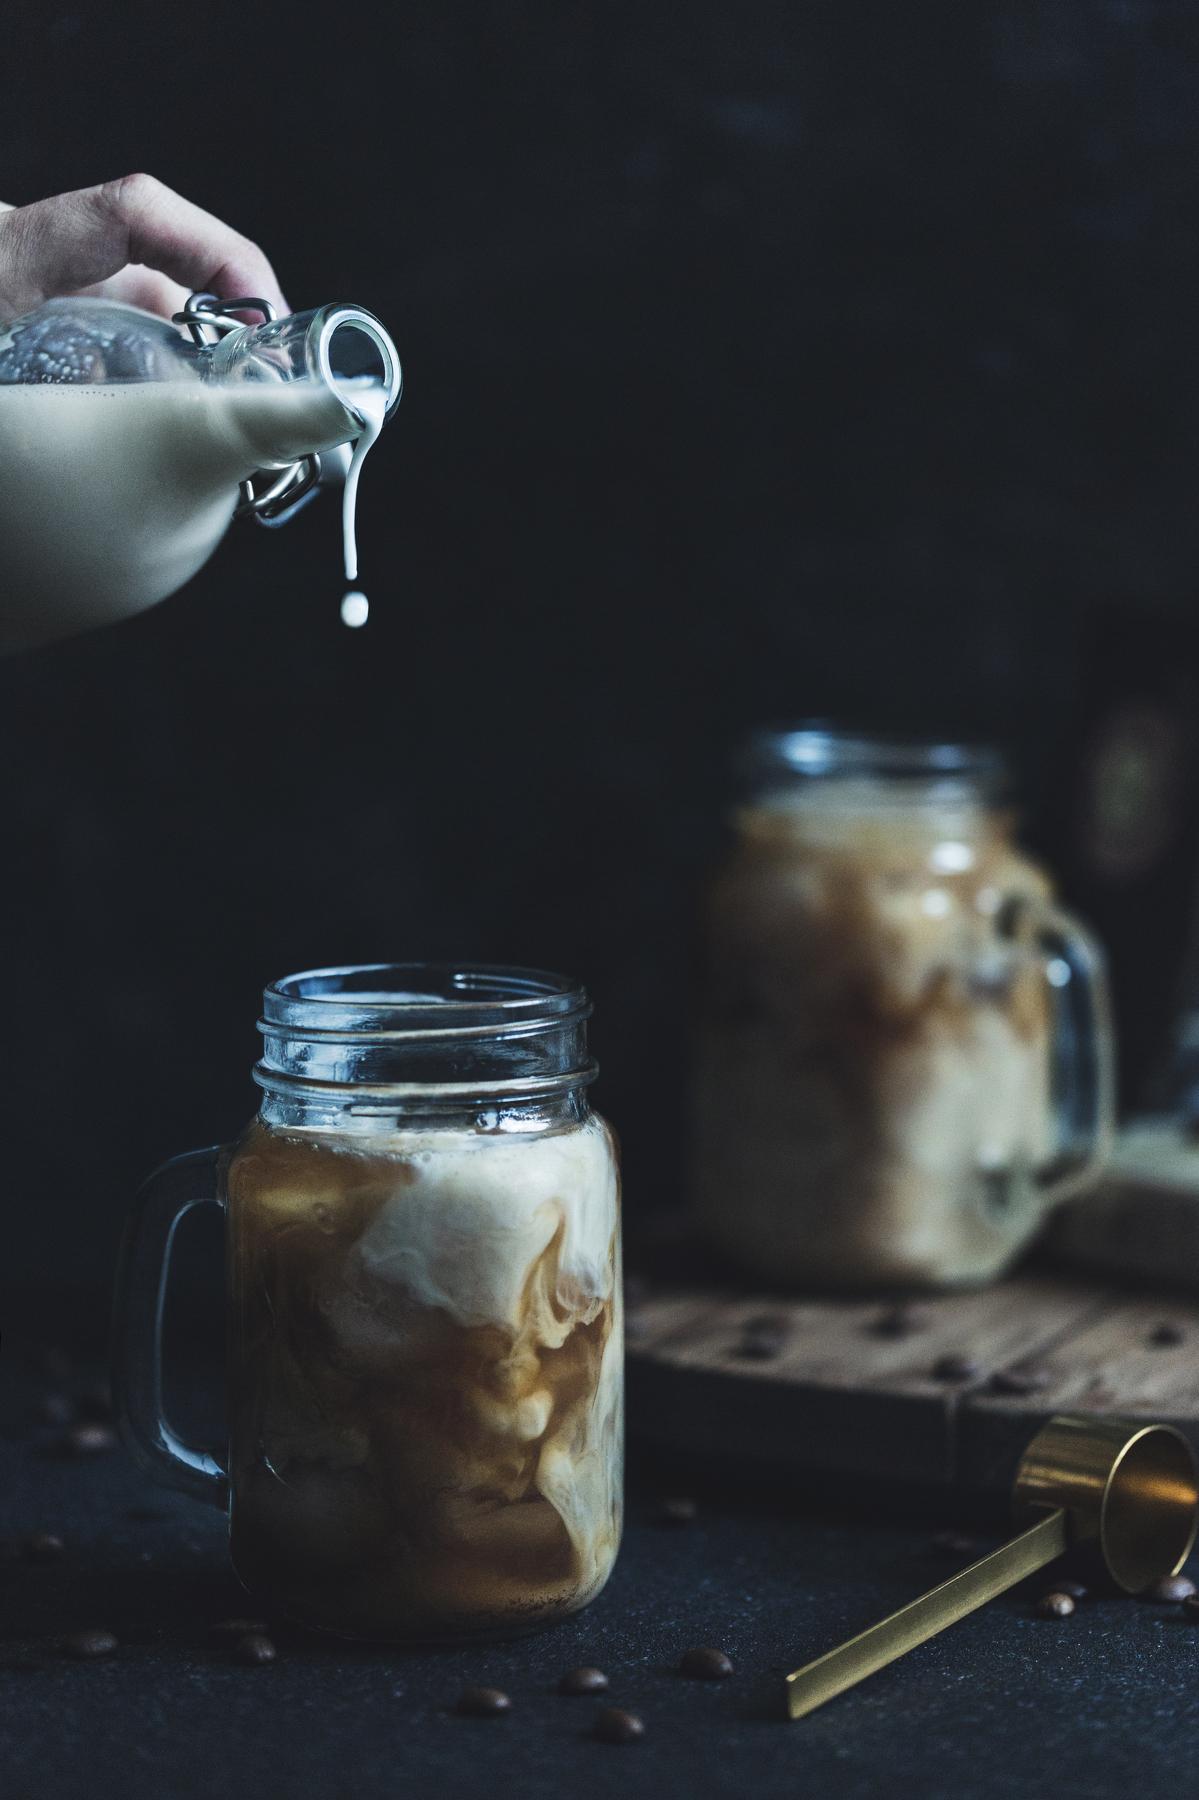 красивая еда / фотограф Хоруженко Алексей